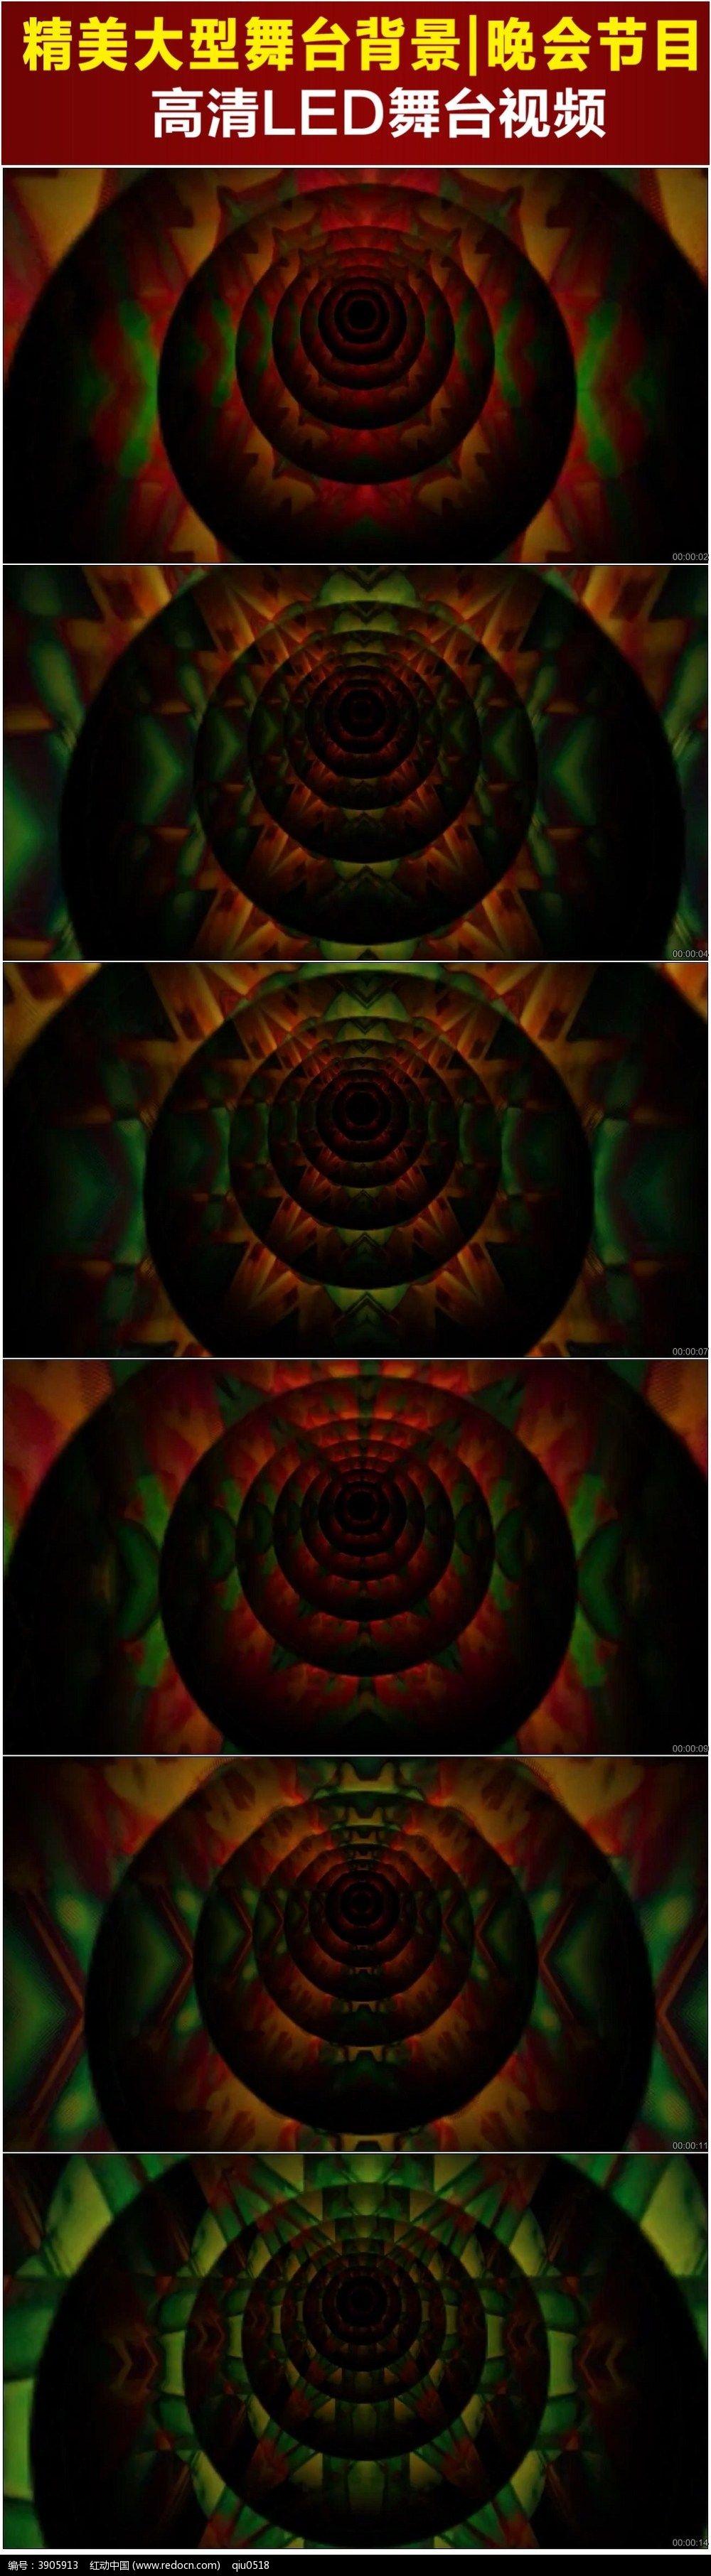 高清炫彩隧道穿梭led背景视频图片